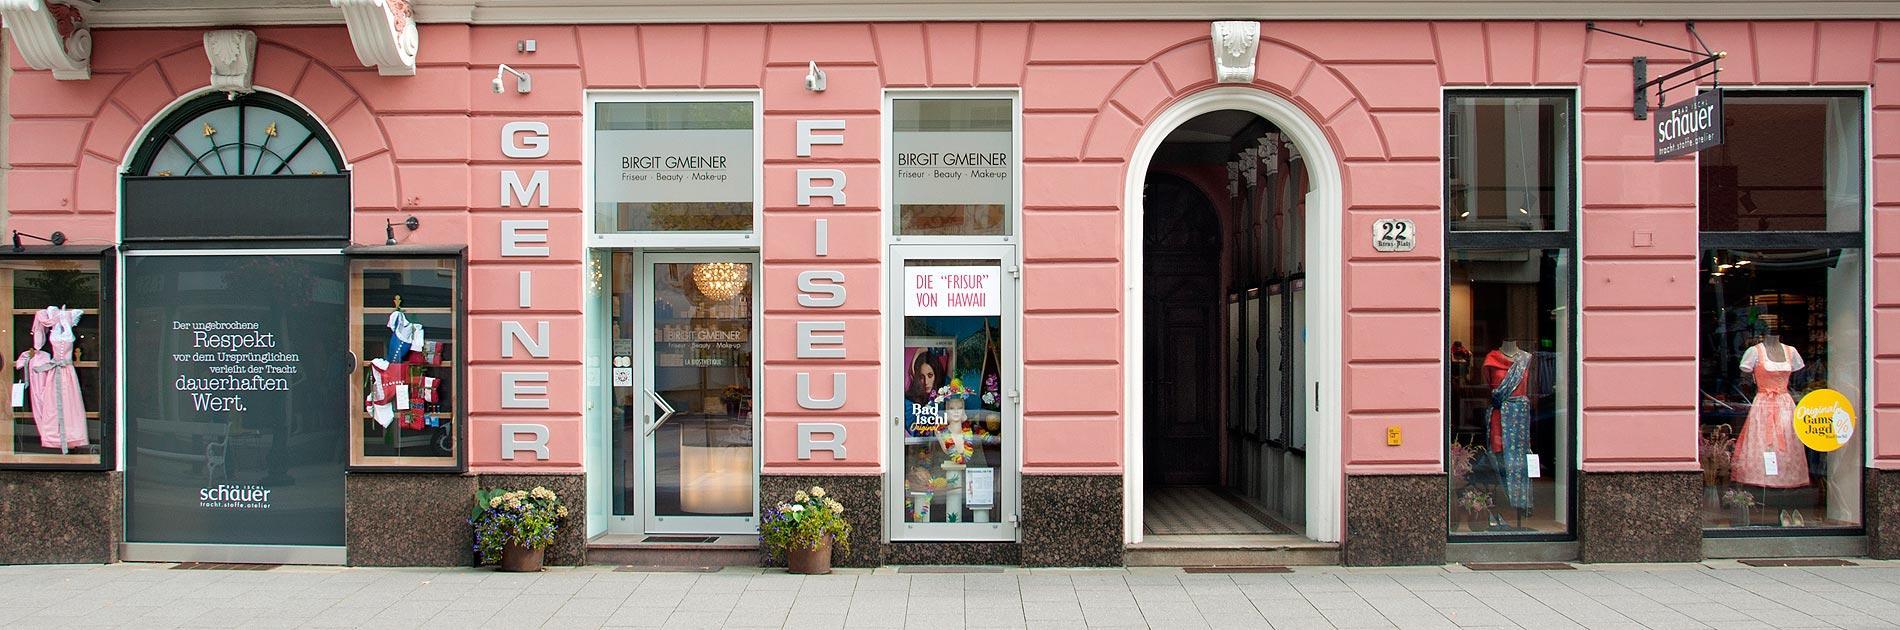 Friseur-Salon Gmeiner in Bad Ischl - Eingang